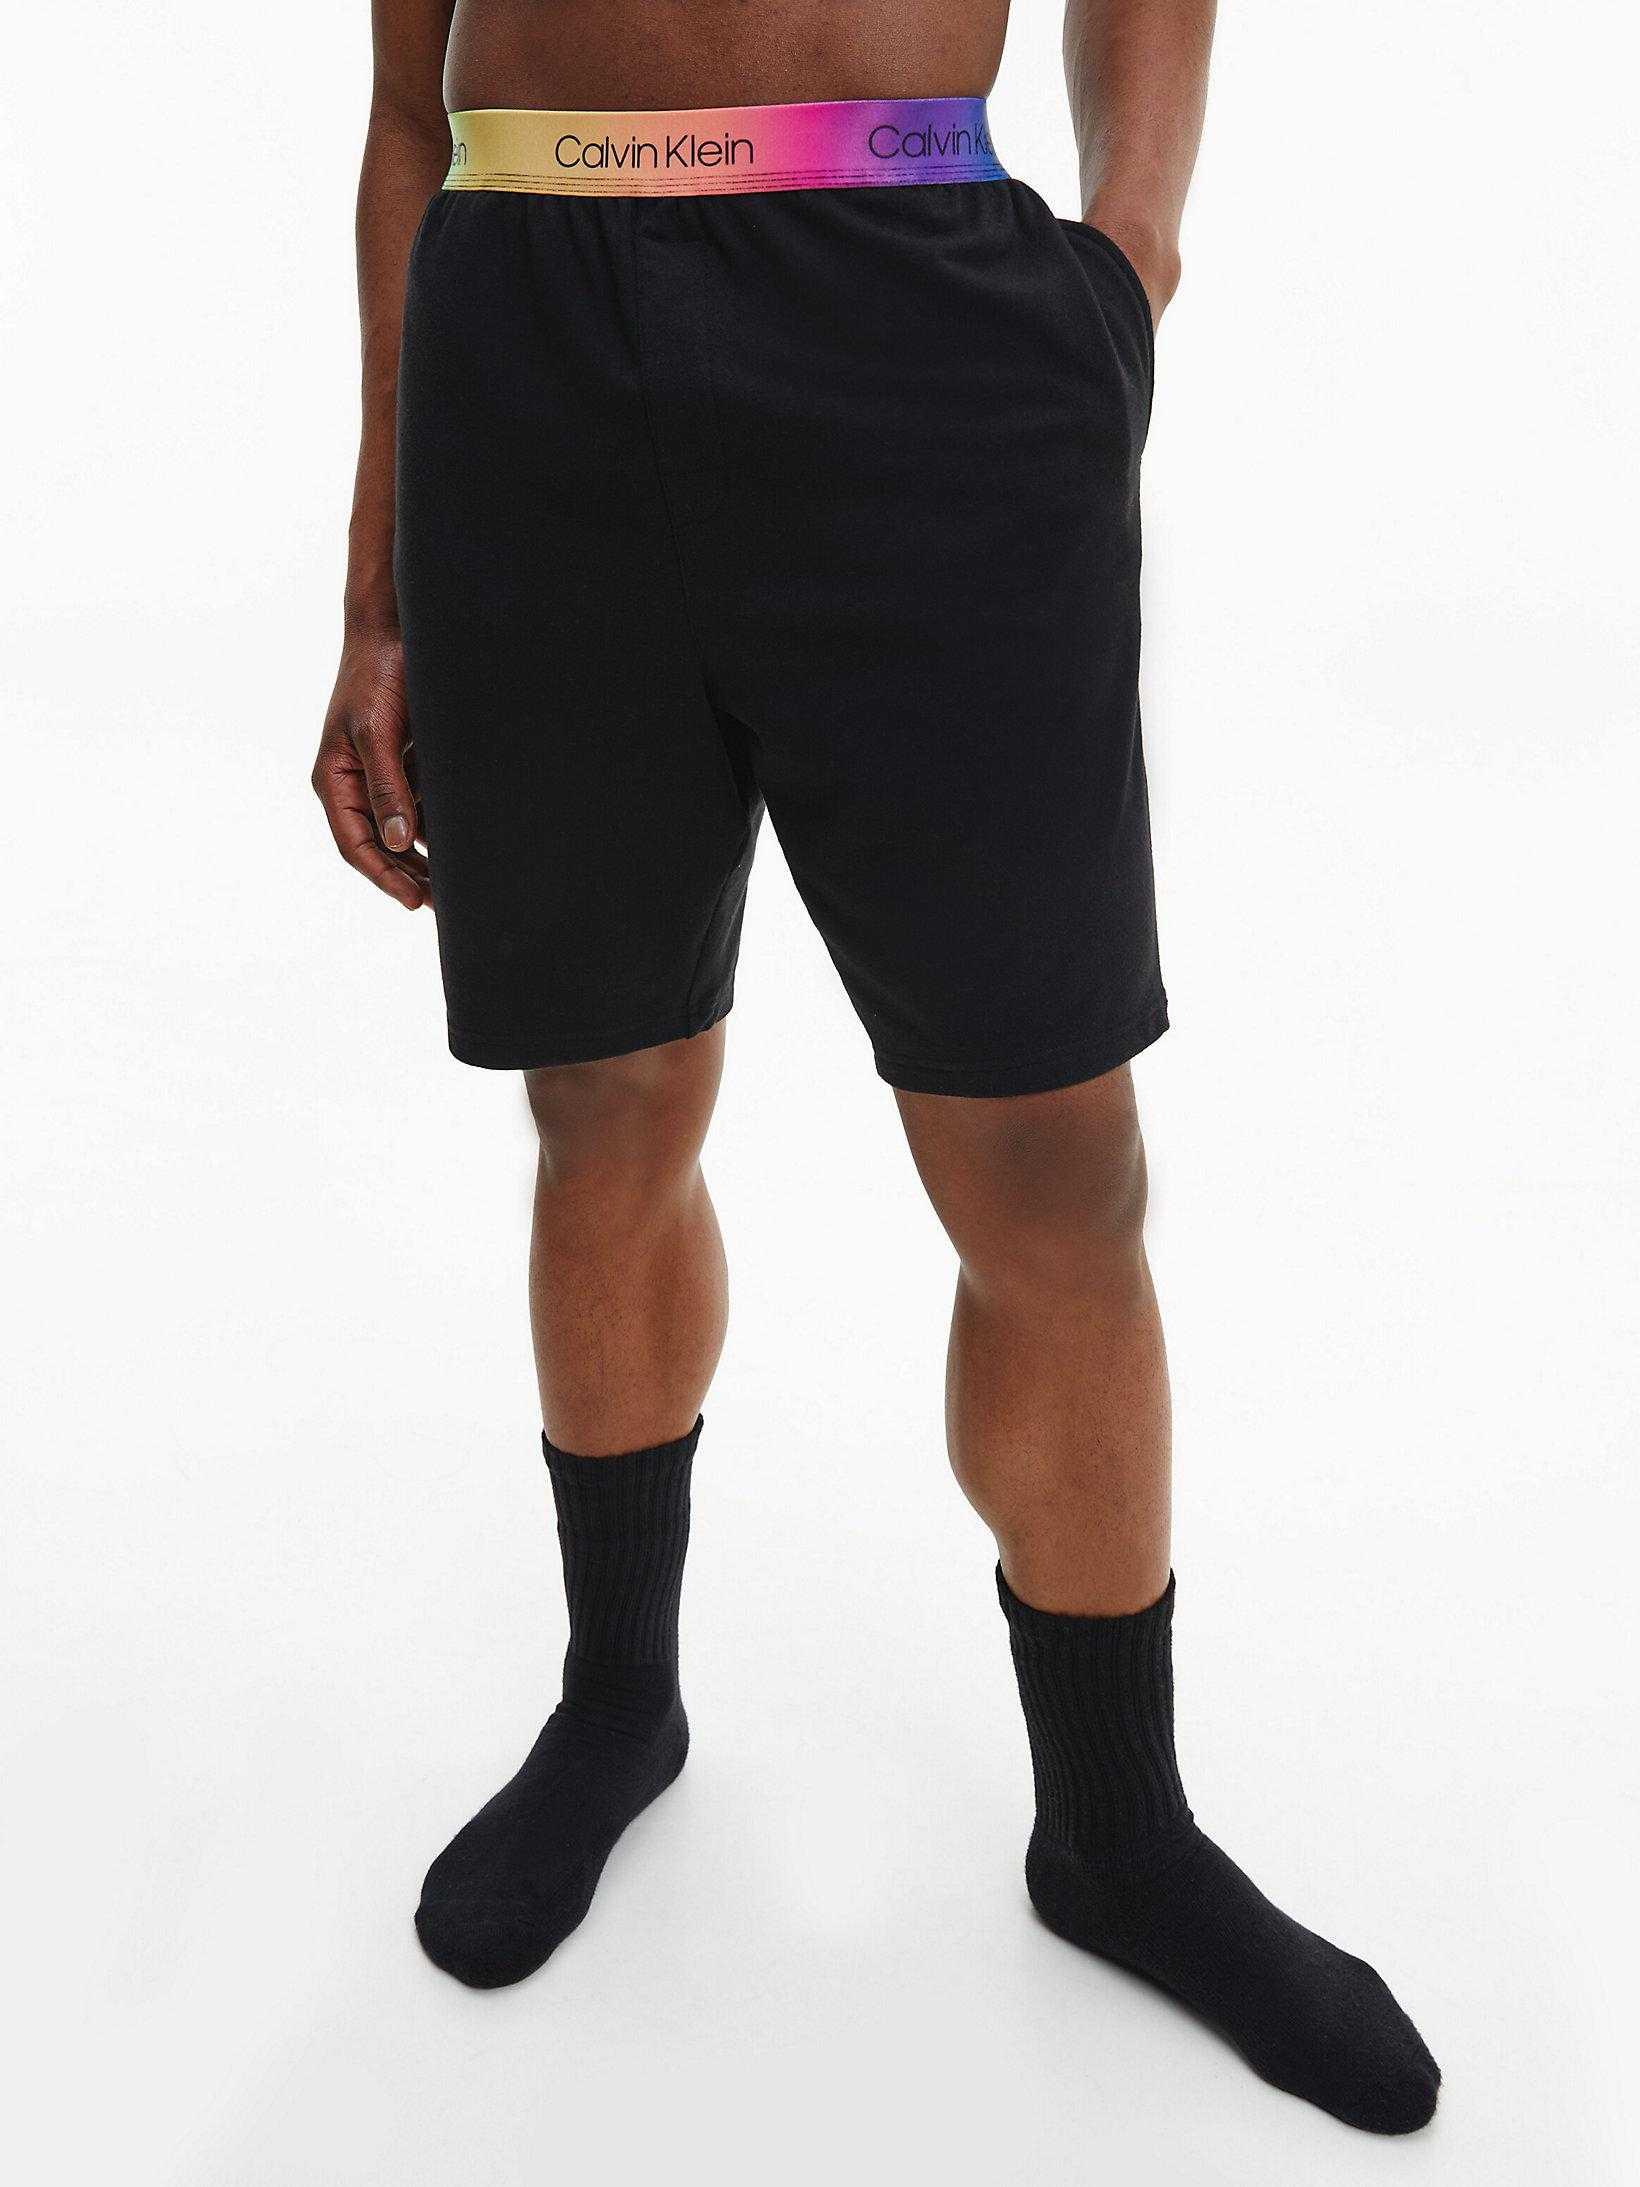 Pantalón Caballero Calvin Klein colección Pride   -   - PEPI GUERRA